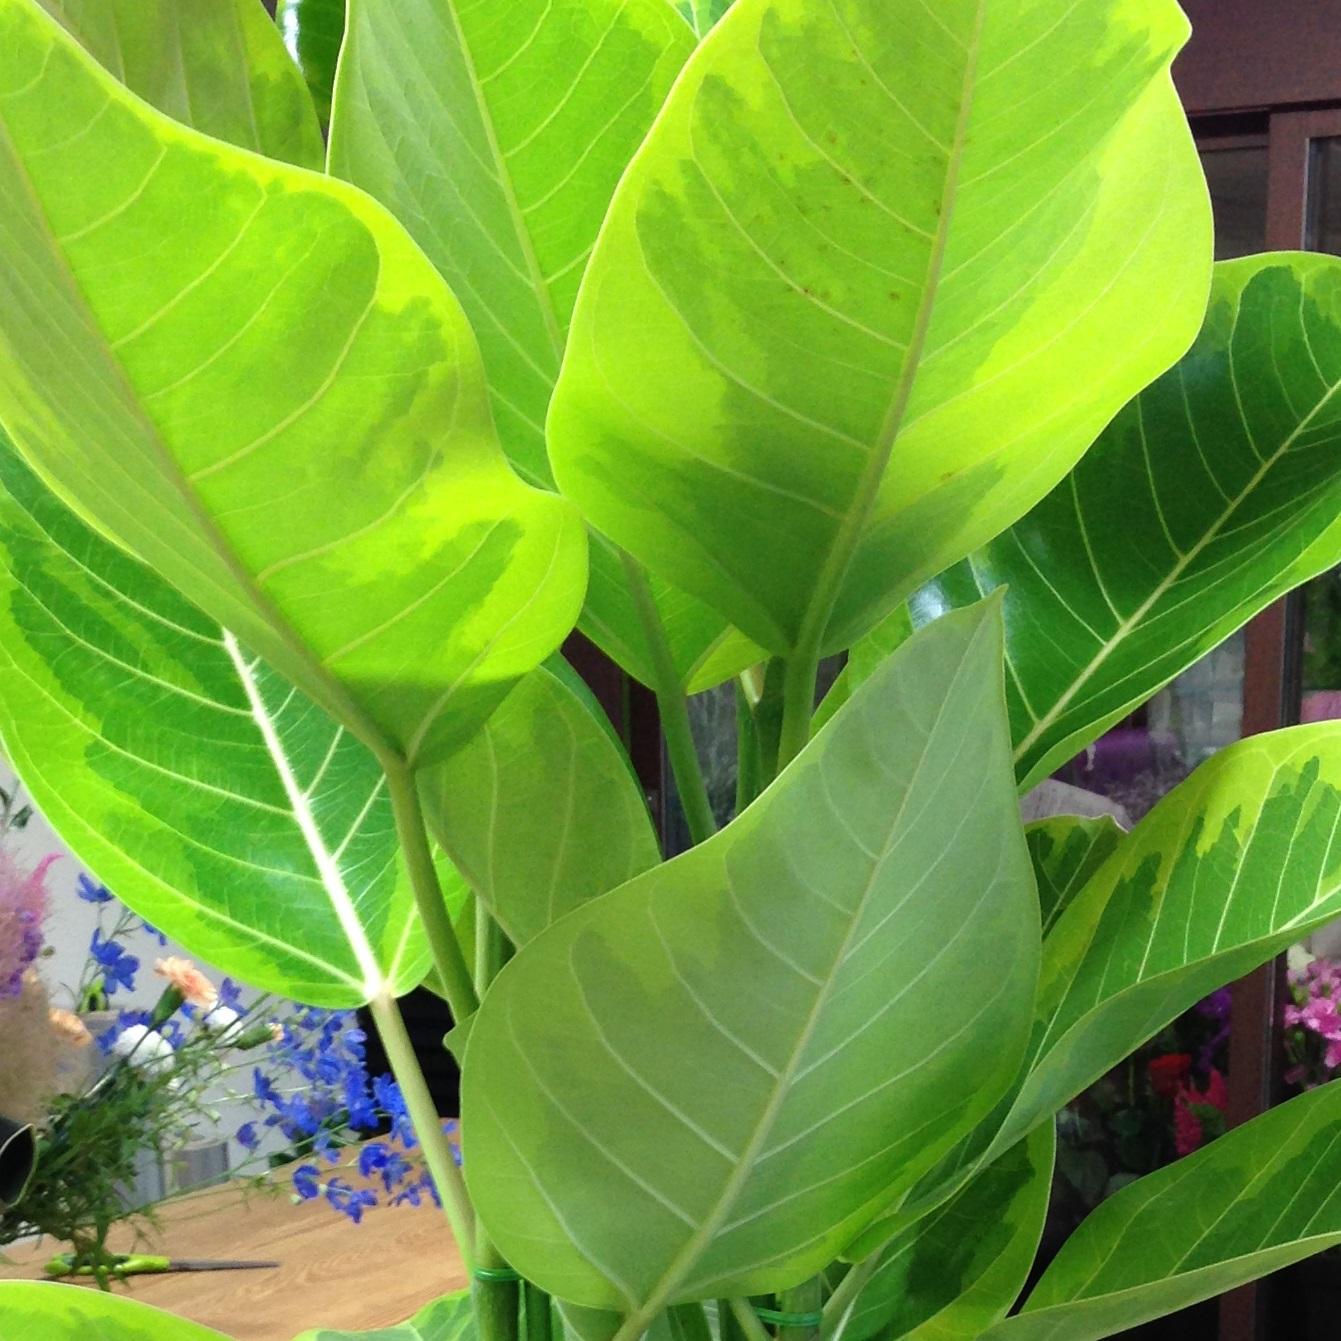 事務所開設御祝、事務所移転御祝に贈る観葉植物